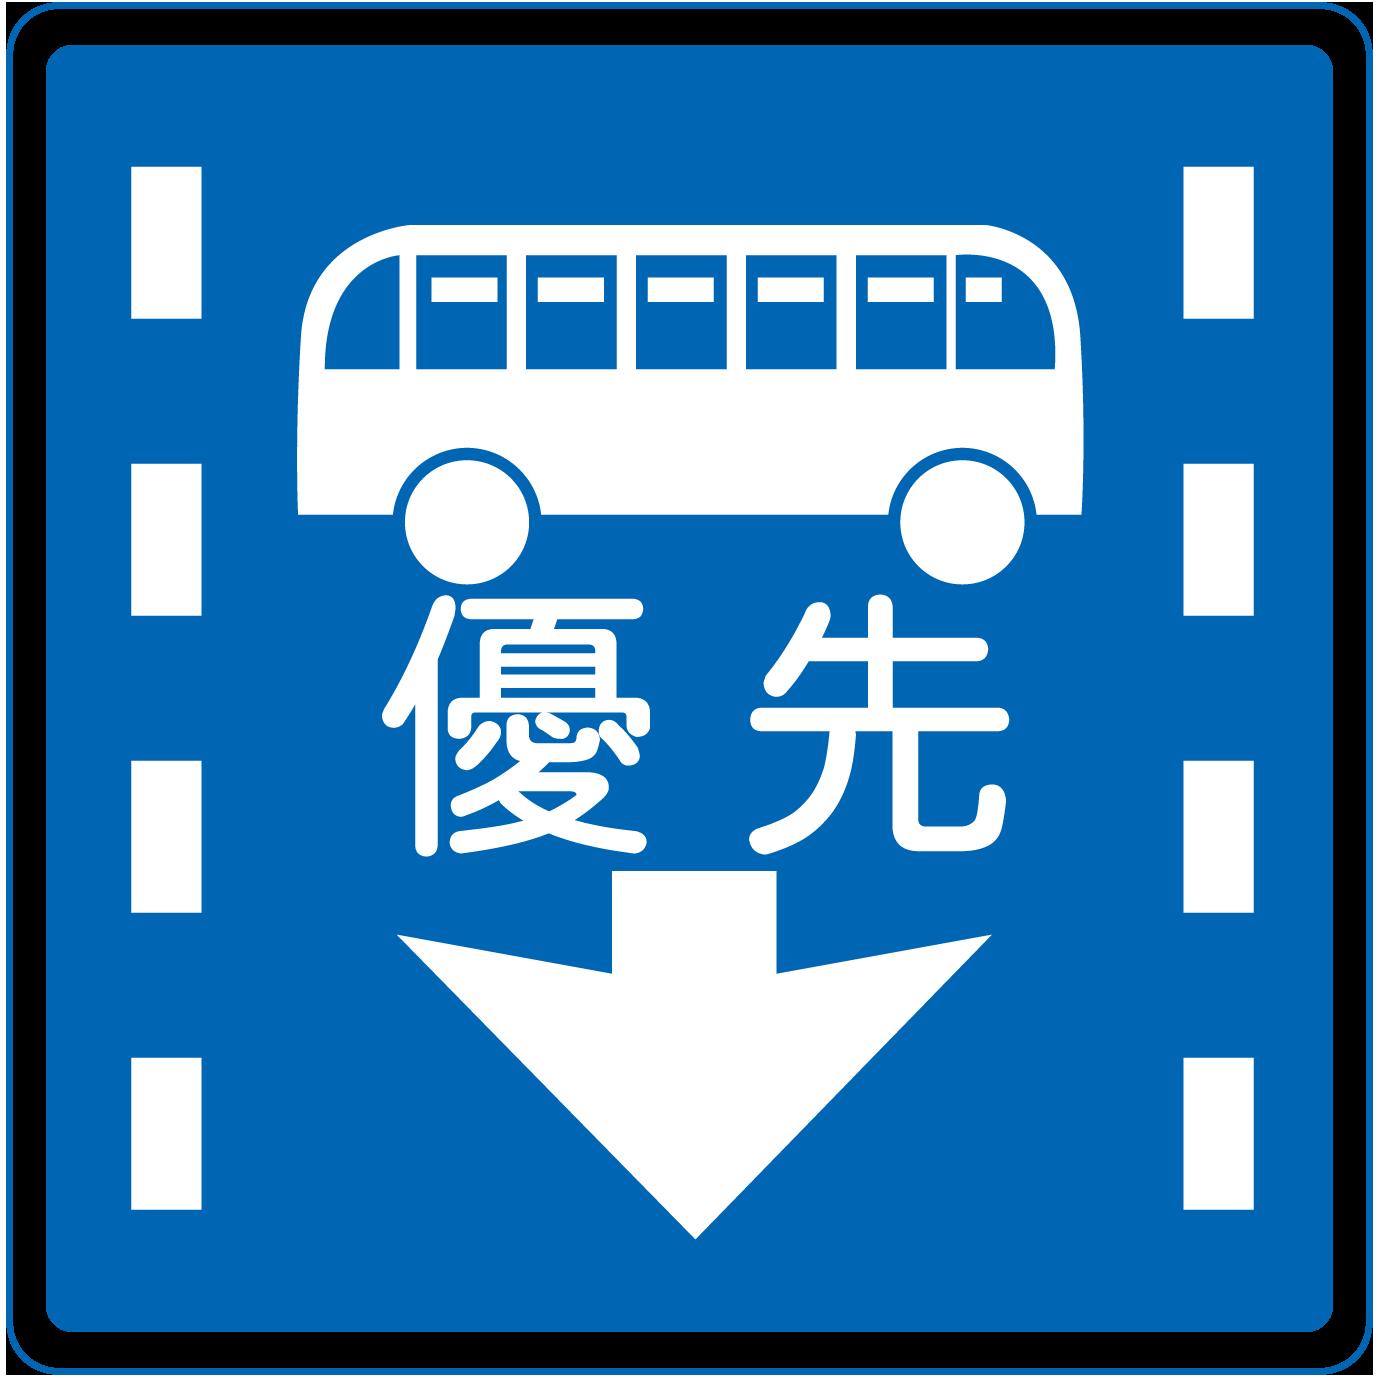 地図、道路標識のイラスト・フリー素材|ダウンロード12【素材っち】